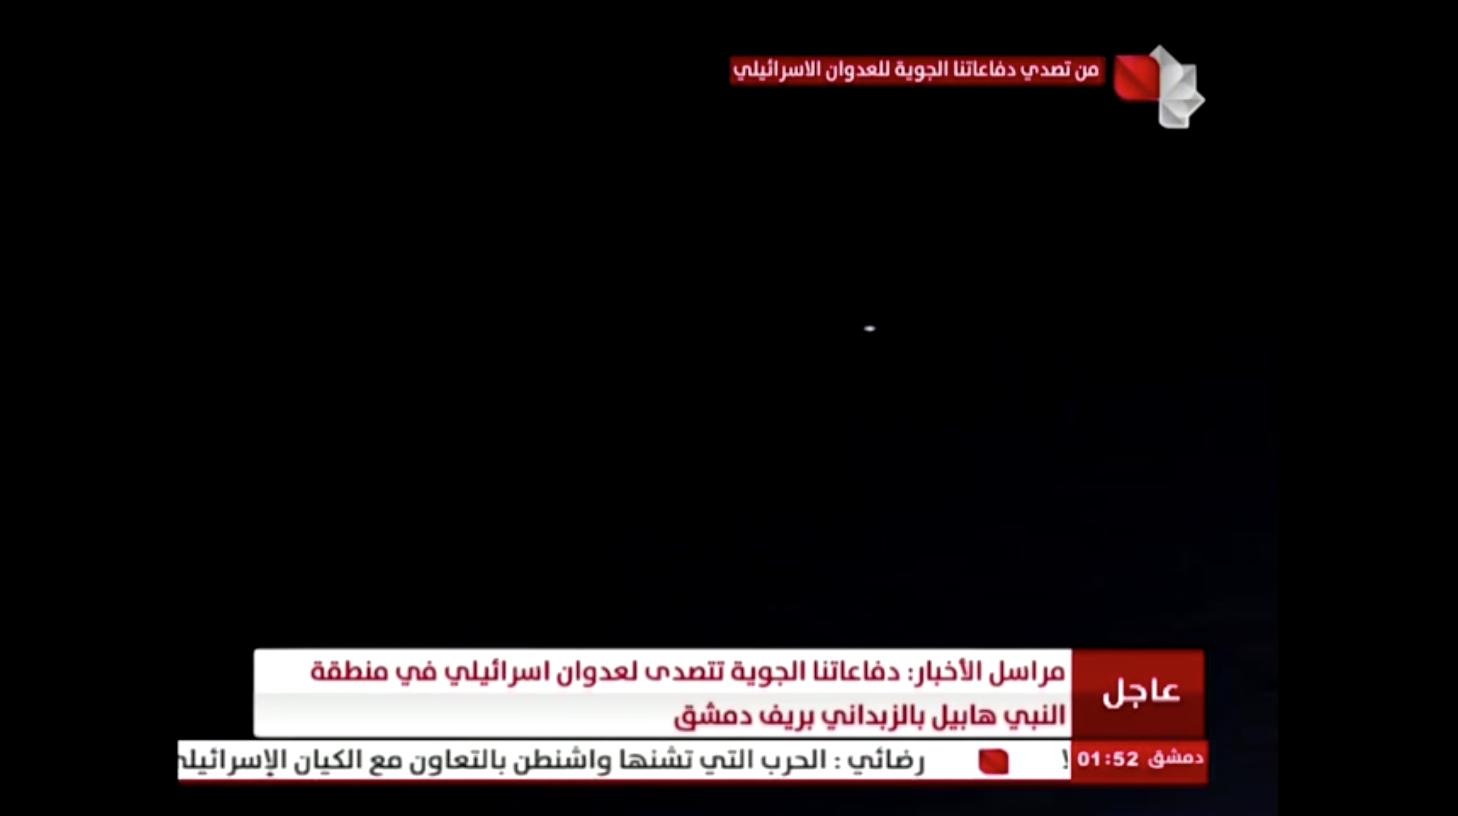 Israel thực hiện đợt không kíchgiết chết 16 binh sĩ Syria và đồng minh